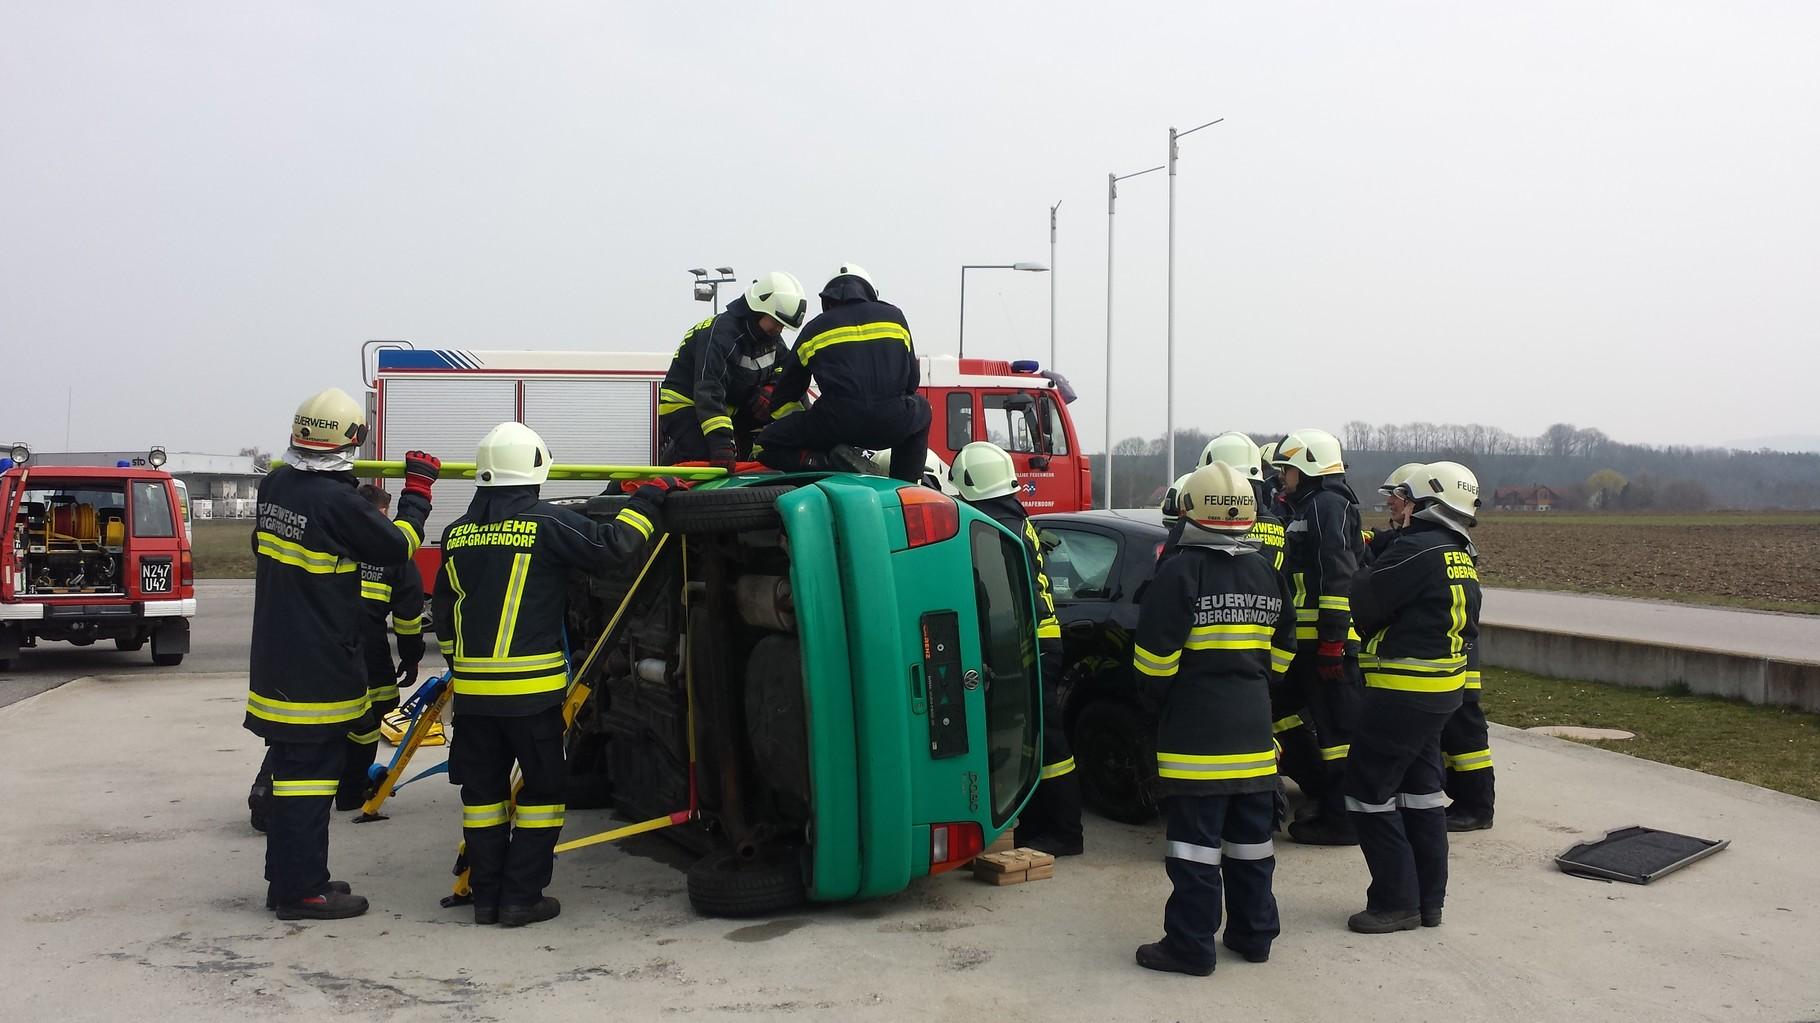 PKW in Seitenlage - Rettung aus dem Fahrerfenster